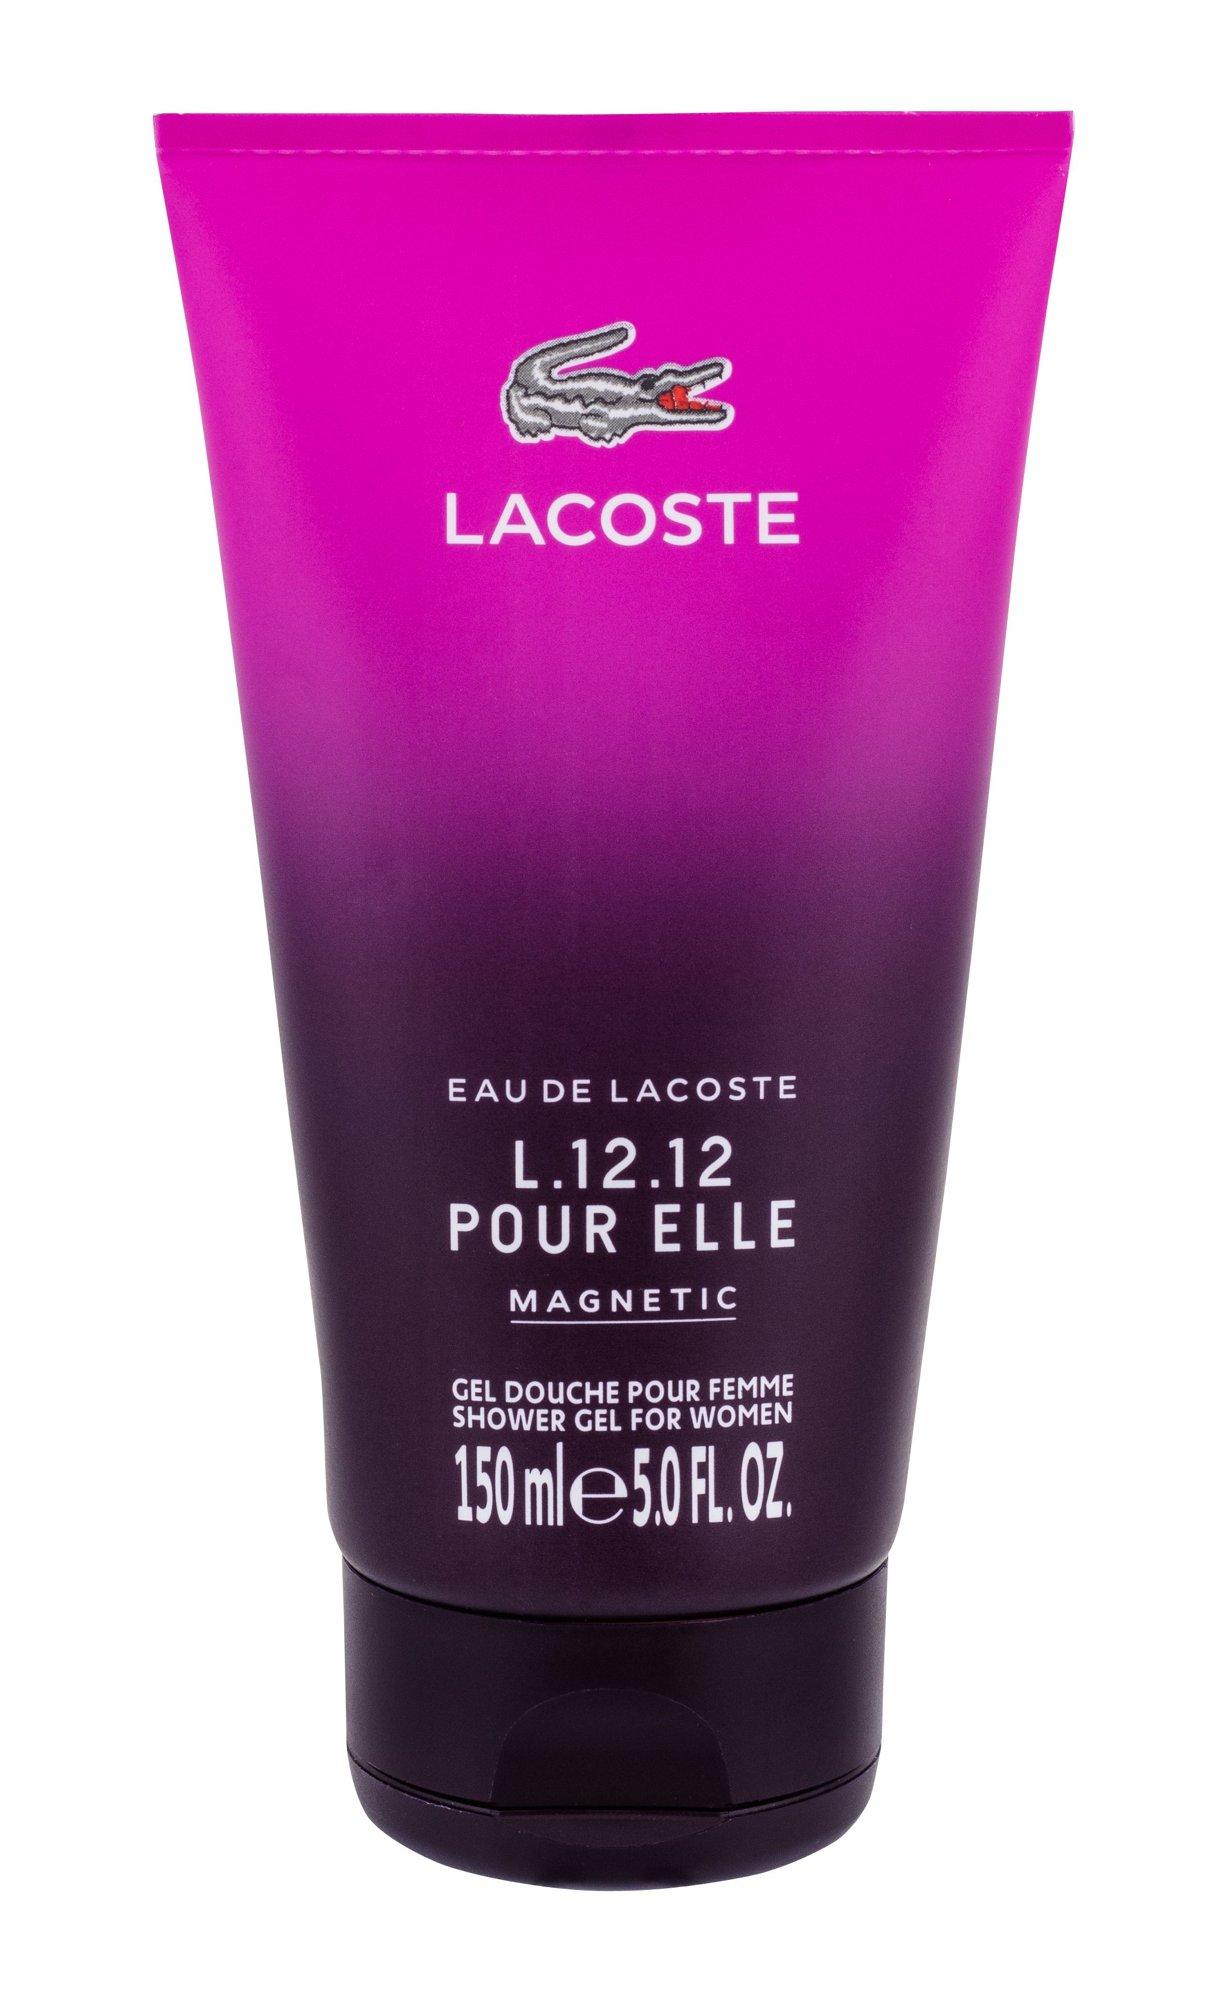 Lacoste Eau De Lacoste L.12.12 Pour Elle Magnetic Shower gel 150ml